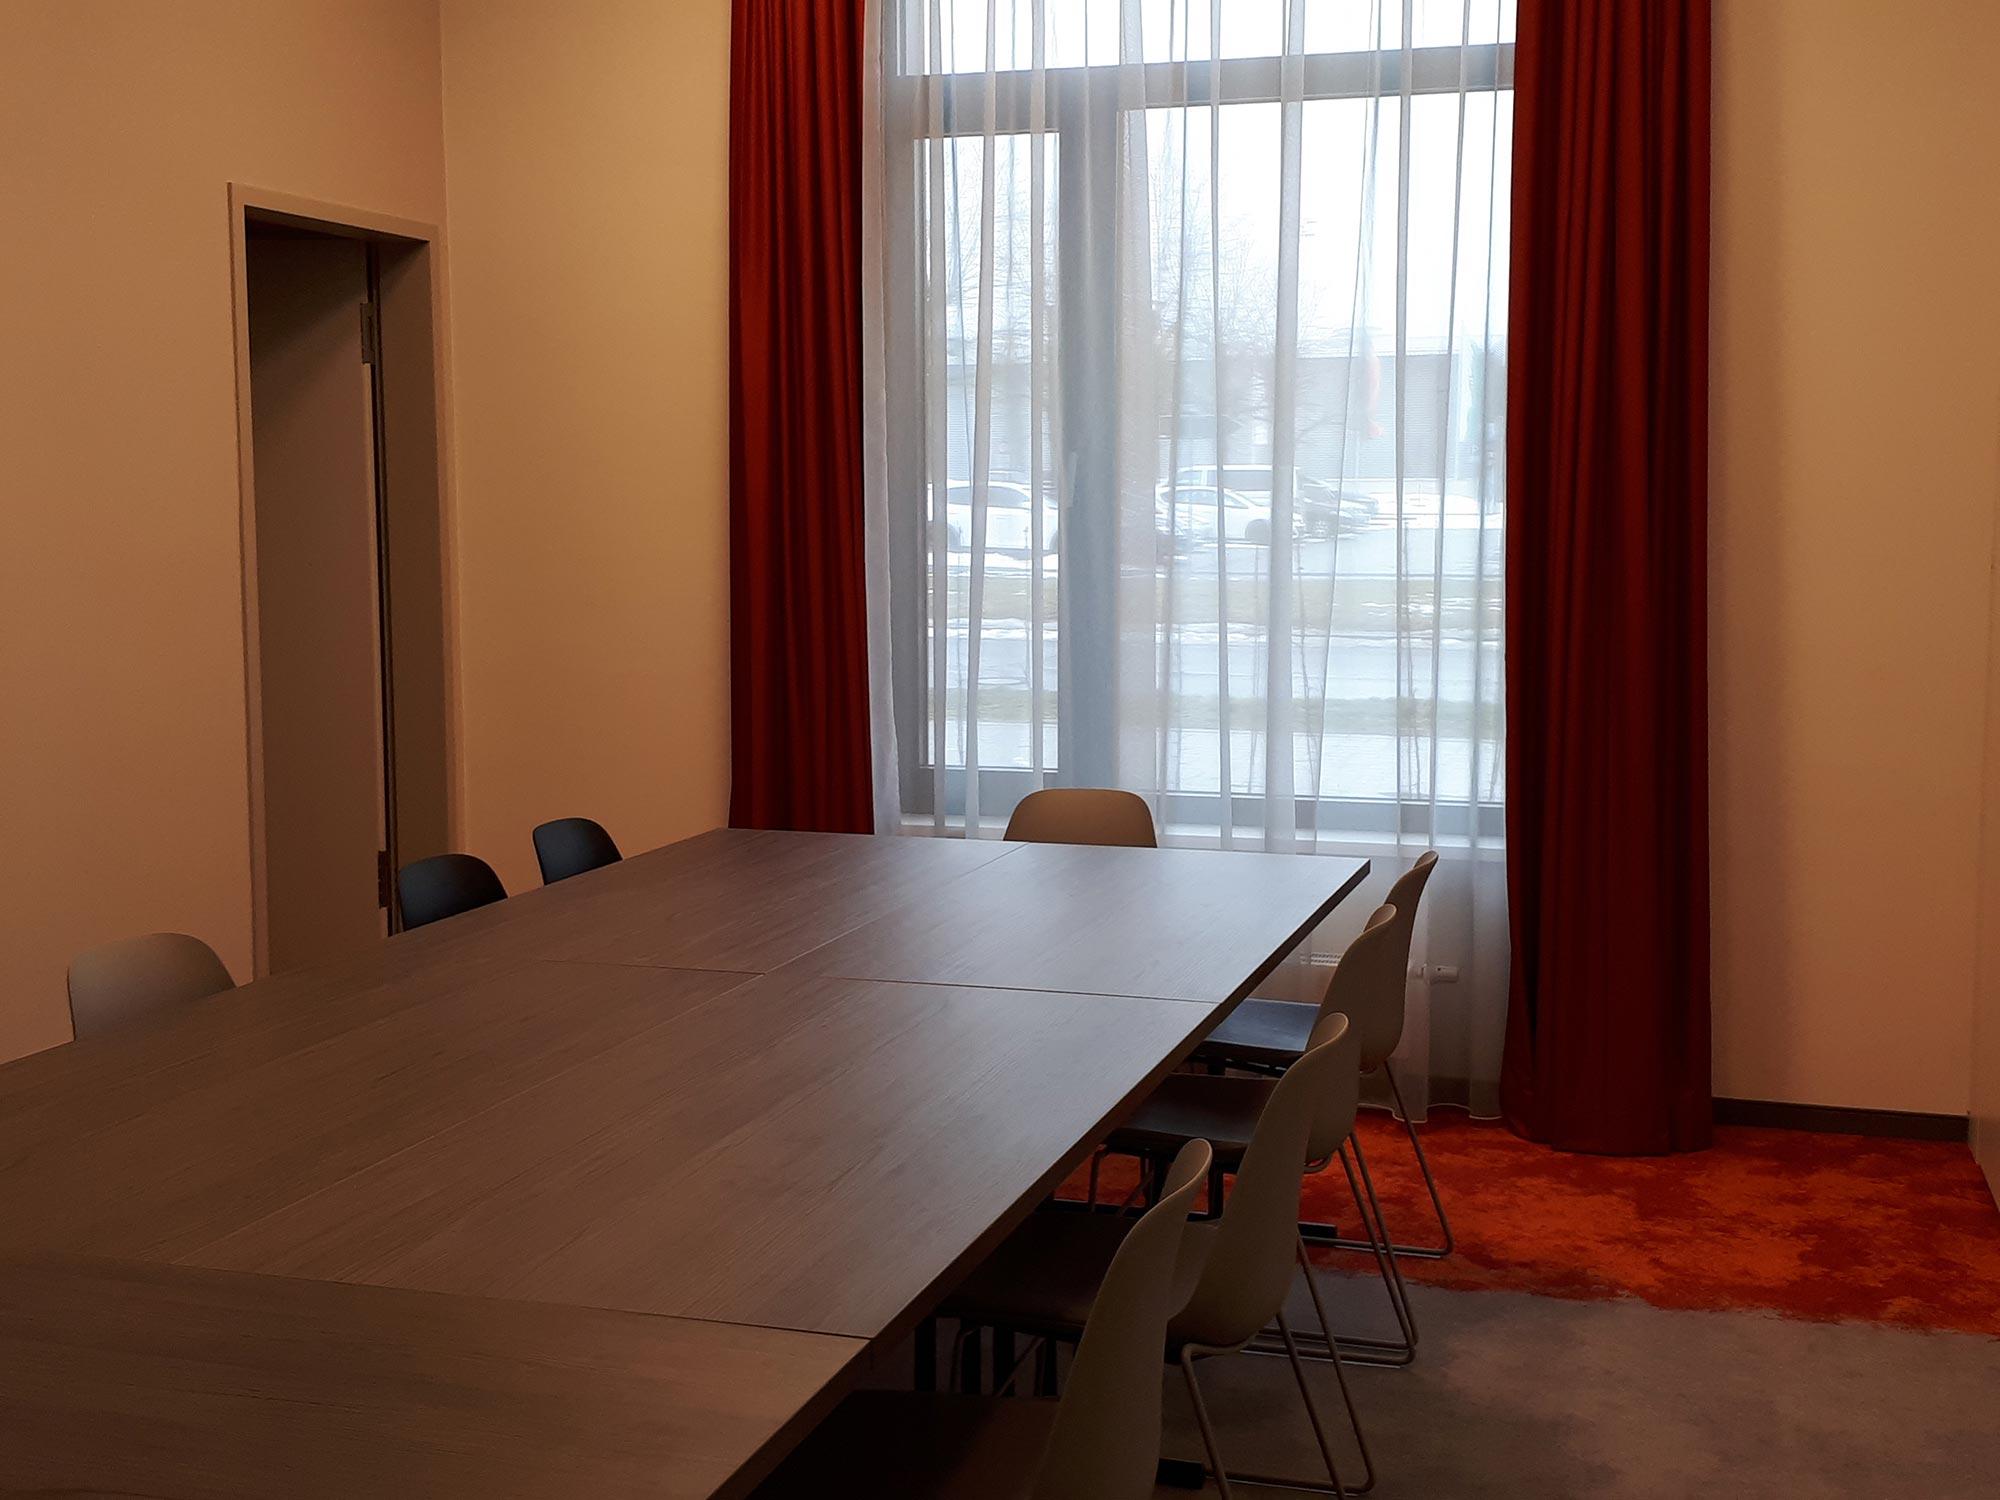 Meetingroom-_Schkeuditz2